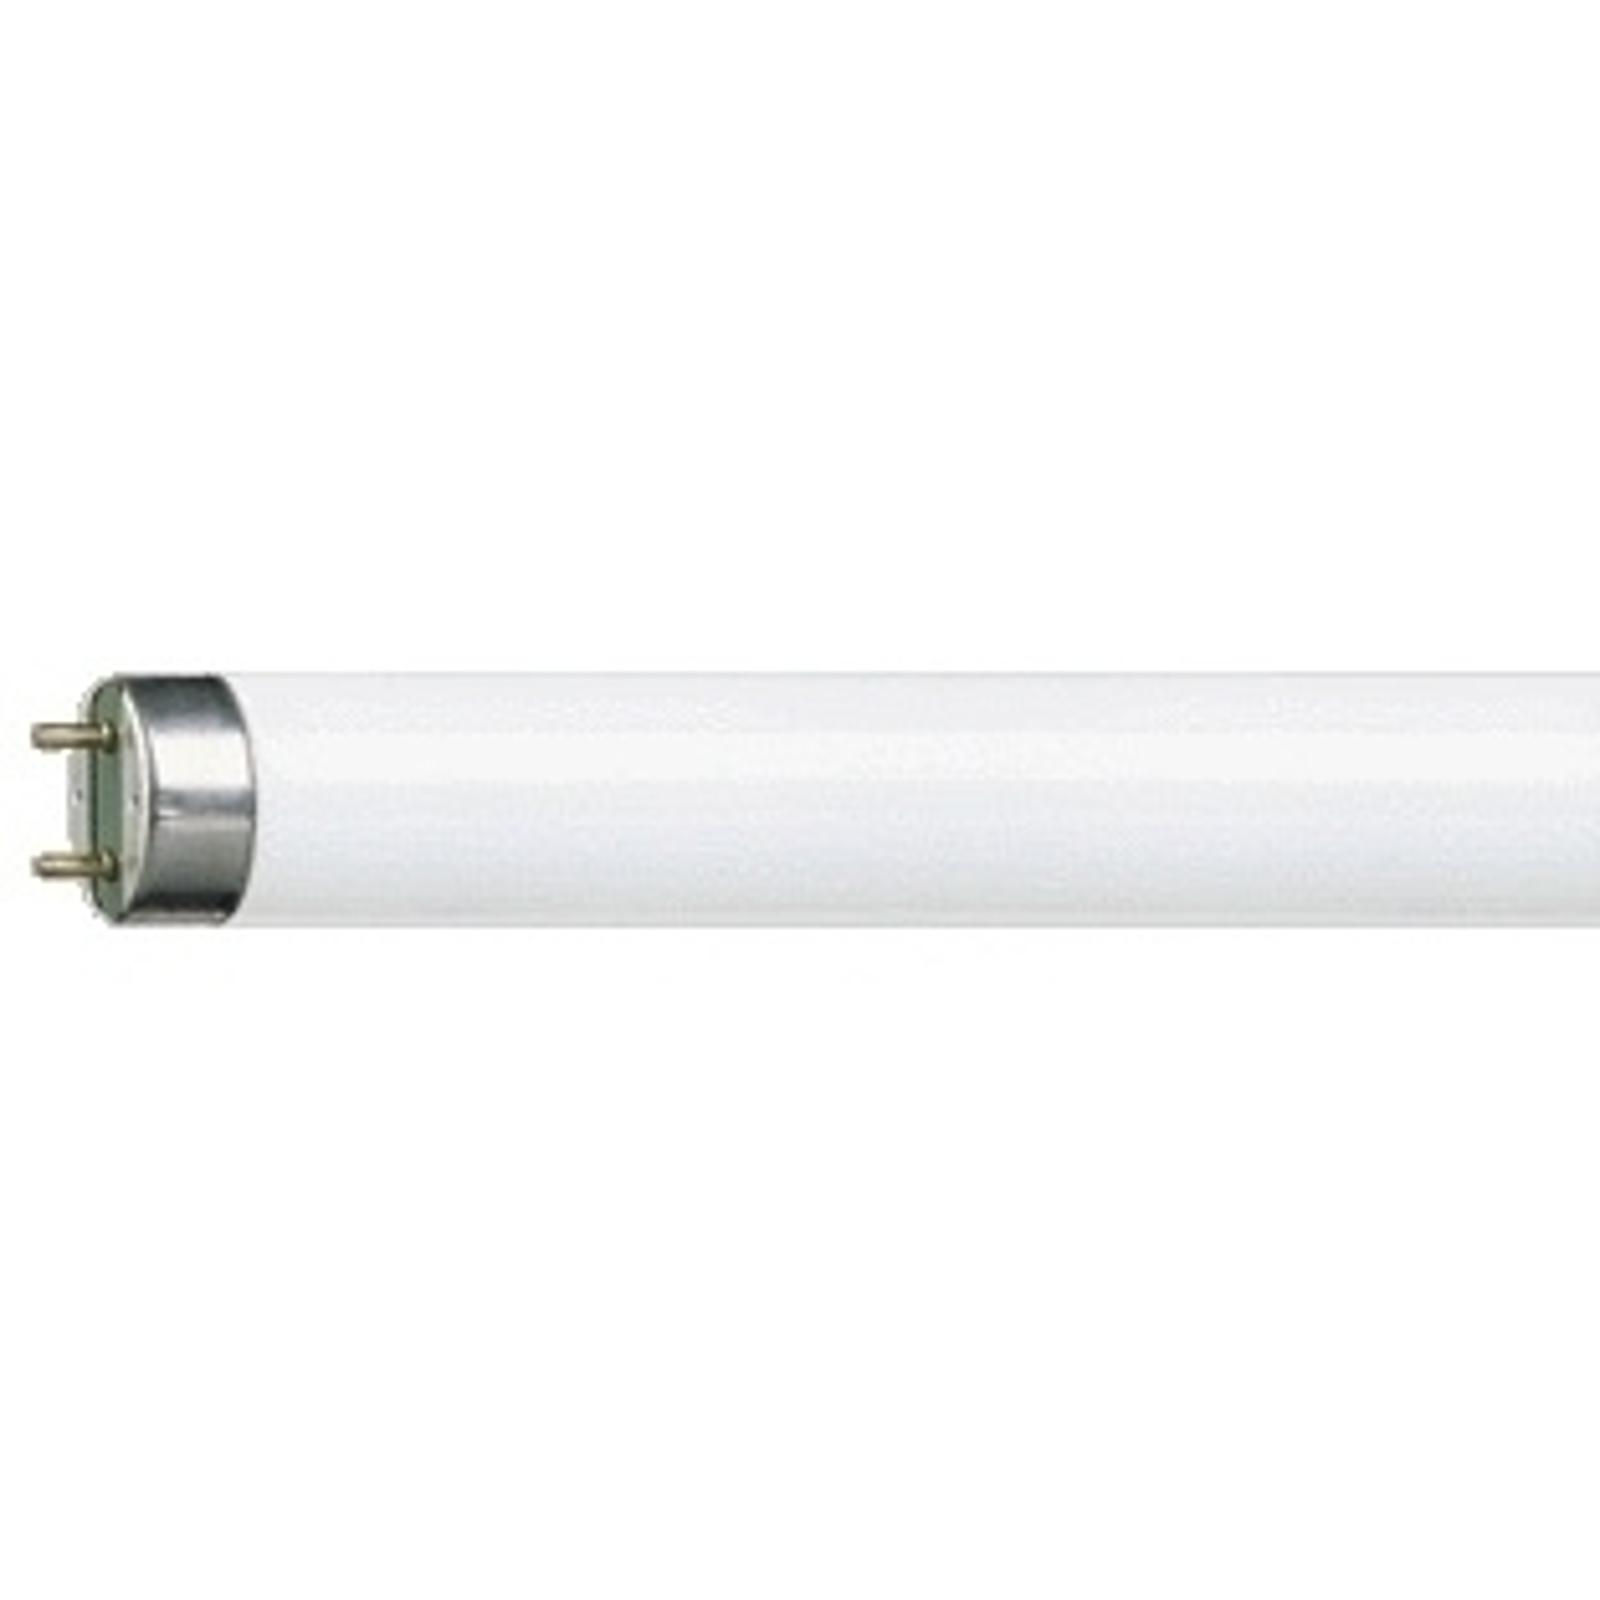 Leuchtstoffröhre G13 T8 30W MASTER TL-D Super 865